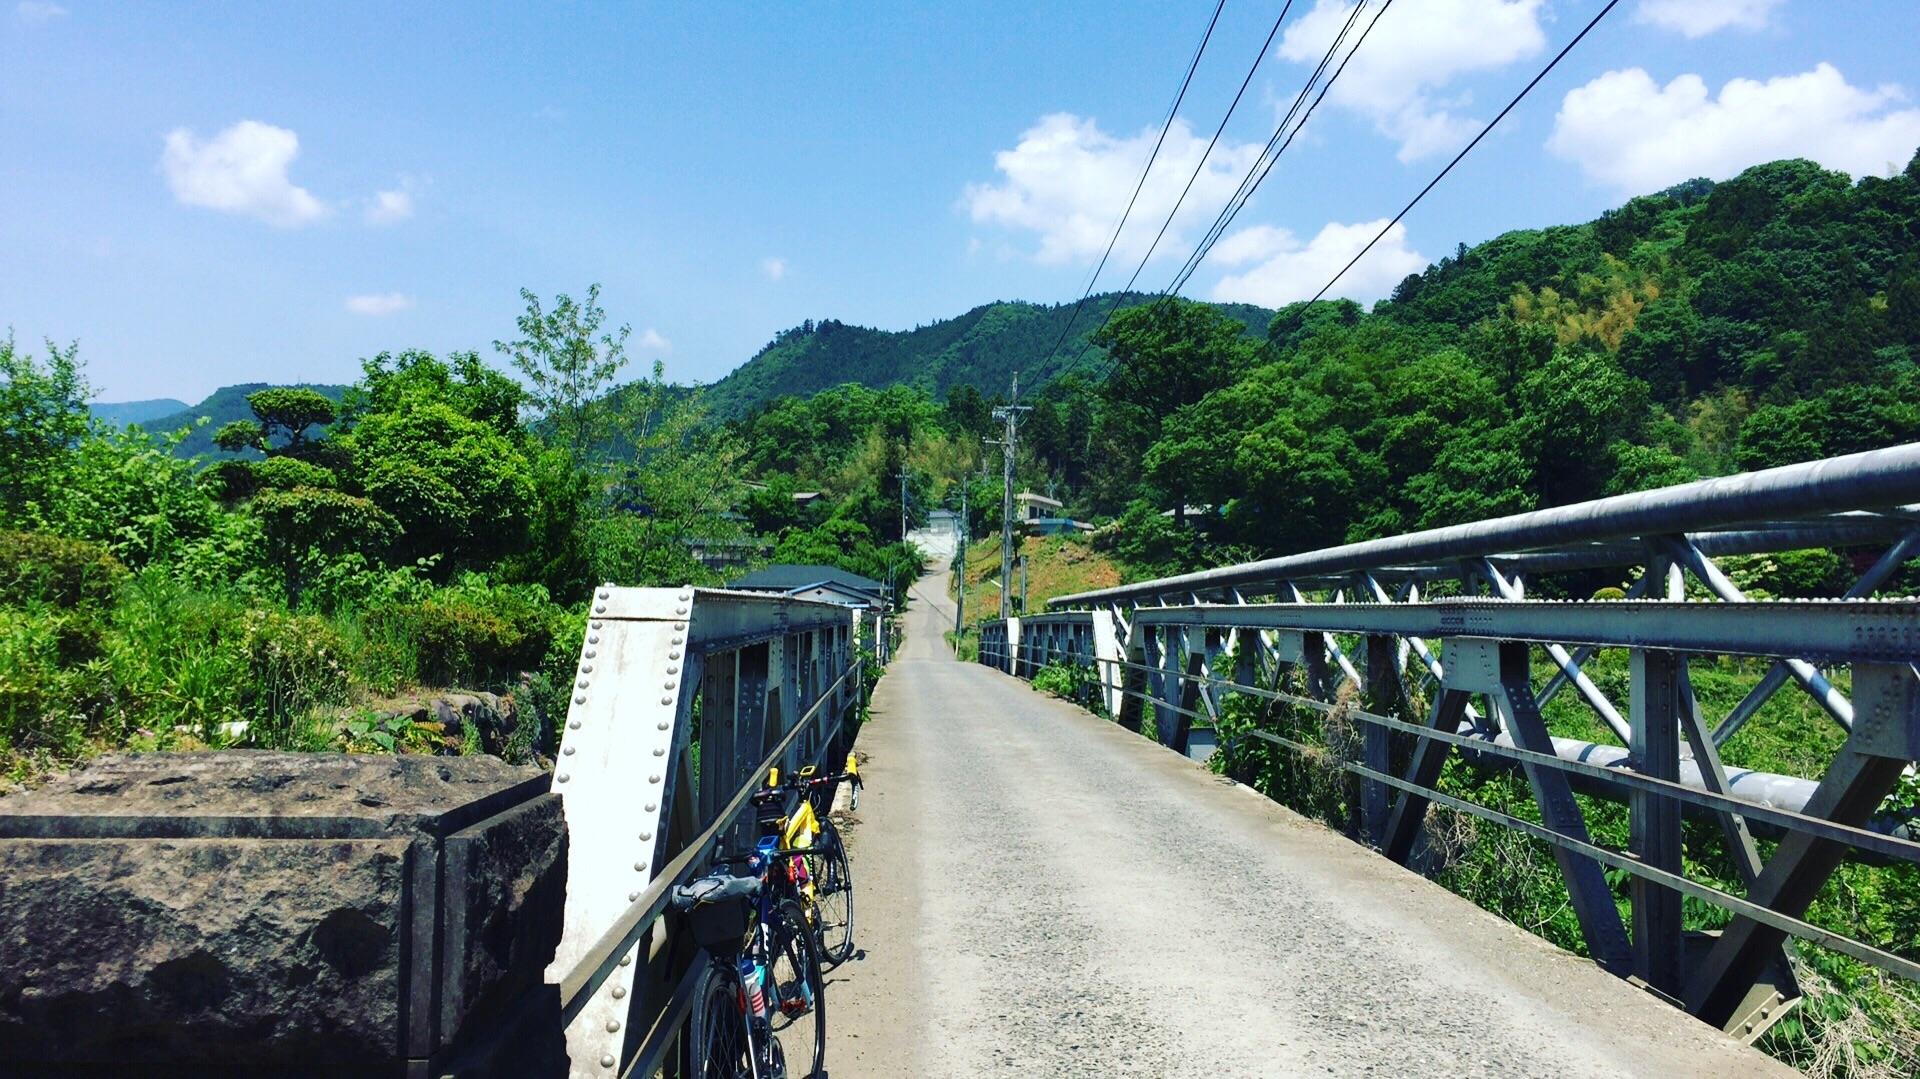 f:id:mfj_maap_jp:20170528074755j:image